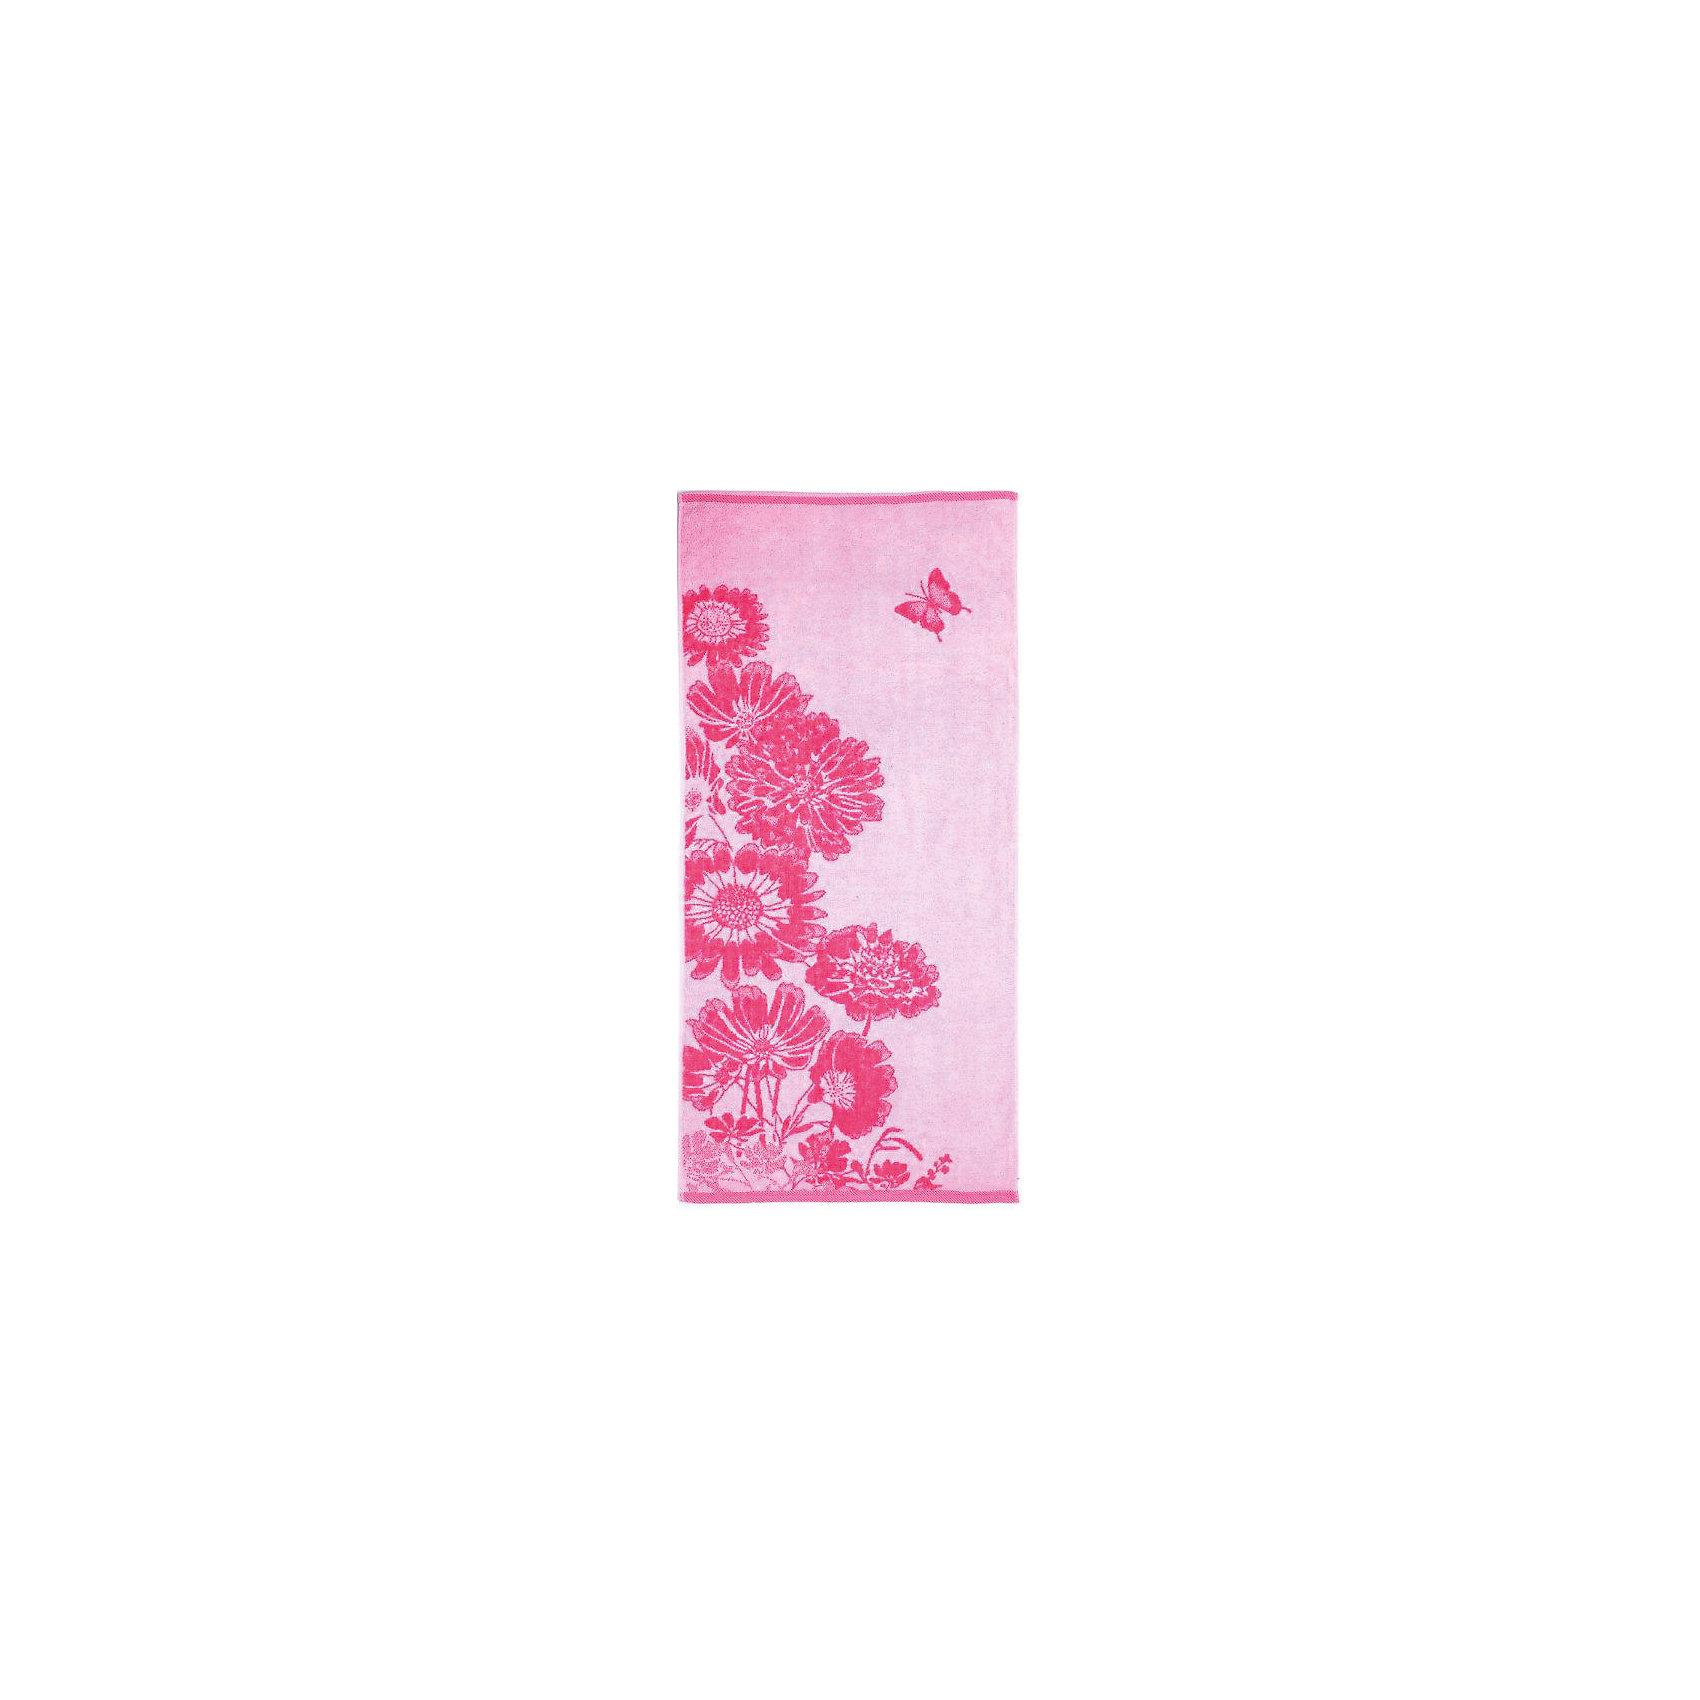 Полотенце махровое Цветник 50*90, Любимый дом, розовыйМахровое полотенце Цветник подарит вам необычайную мягкость после водных процедур. Полотенце изготовлено из качественного хлопка, поэтому оно хорошо впитывает влагу, приятно на ощупь и сохраняет свои качества после многих стирок. Красивая вышивка с цветами непременно понравится вам!<br><br>Дополнительная информация:<br>Материал: 100% хлопок<br>Цвет: розовый<br>Размер: 50х90 см<br>Торговая марка: Любимый дом<br><br>Вы можете приобрести махровое полотенце Цветник в нашем интернет-магазине.<br><br>Ширина мм: 500<br>Глубина мм: 500<br>Высота мм: 200<br>Вес г: 250<br>Возраст от месяцев: 0<br>Возраст до месяцев: 144<br>Пол: Унисекс<br>Возраст: Детский<br>SKU: 5010962